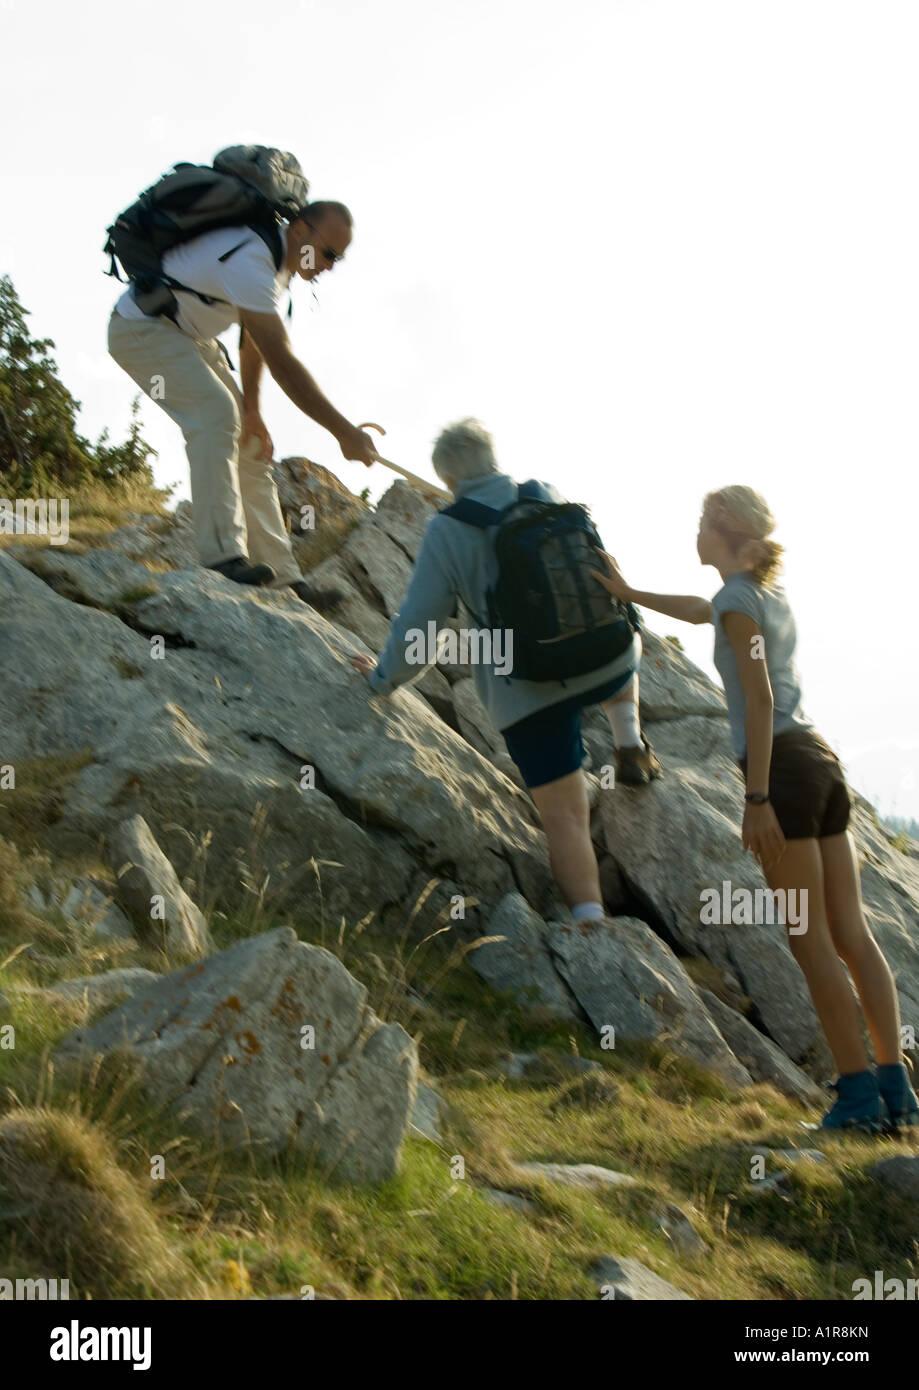 Excursionistas subiendo por las rocas, el hombre y la niña ayudando a mujer madura Foto de stock